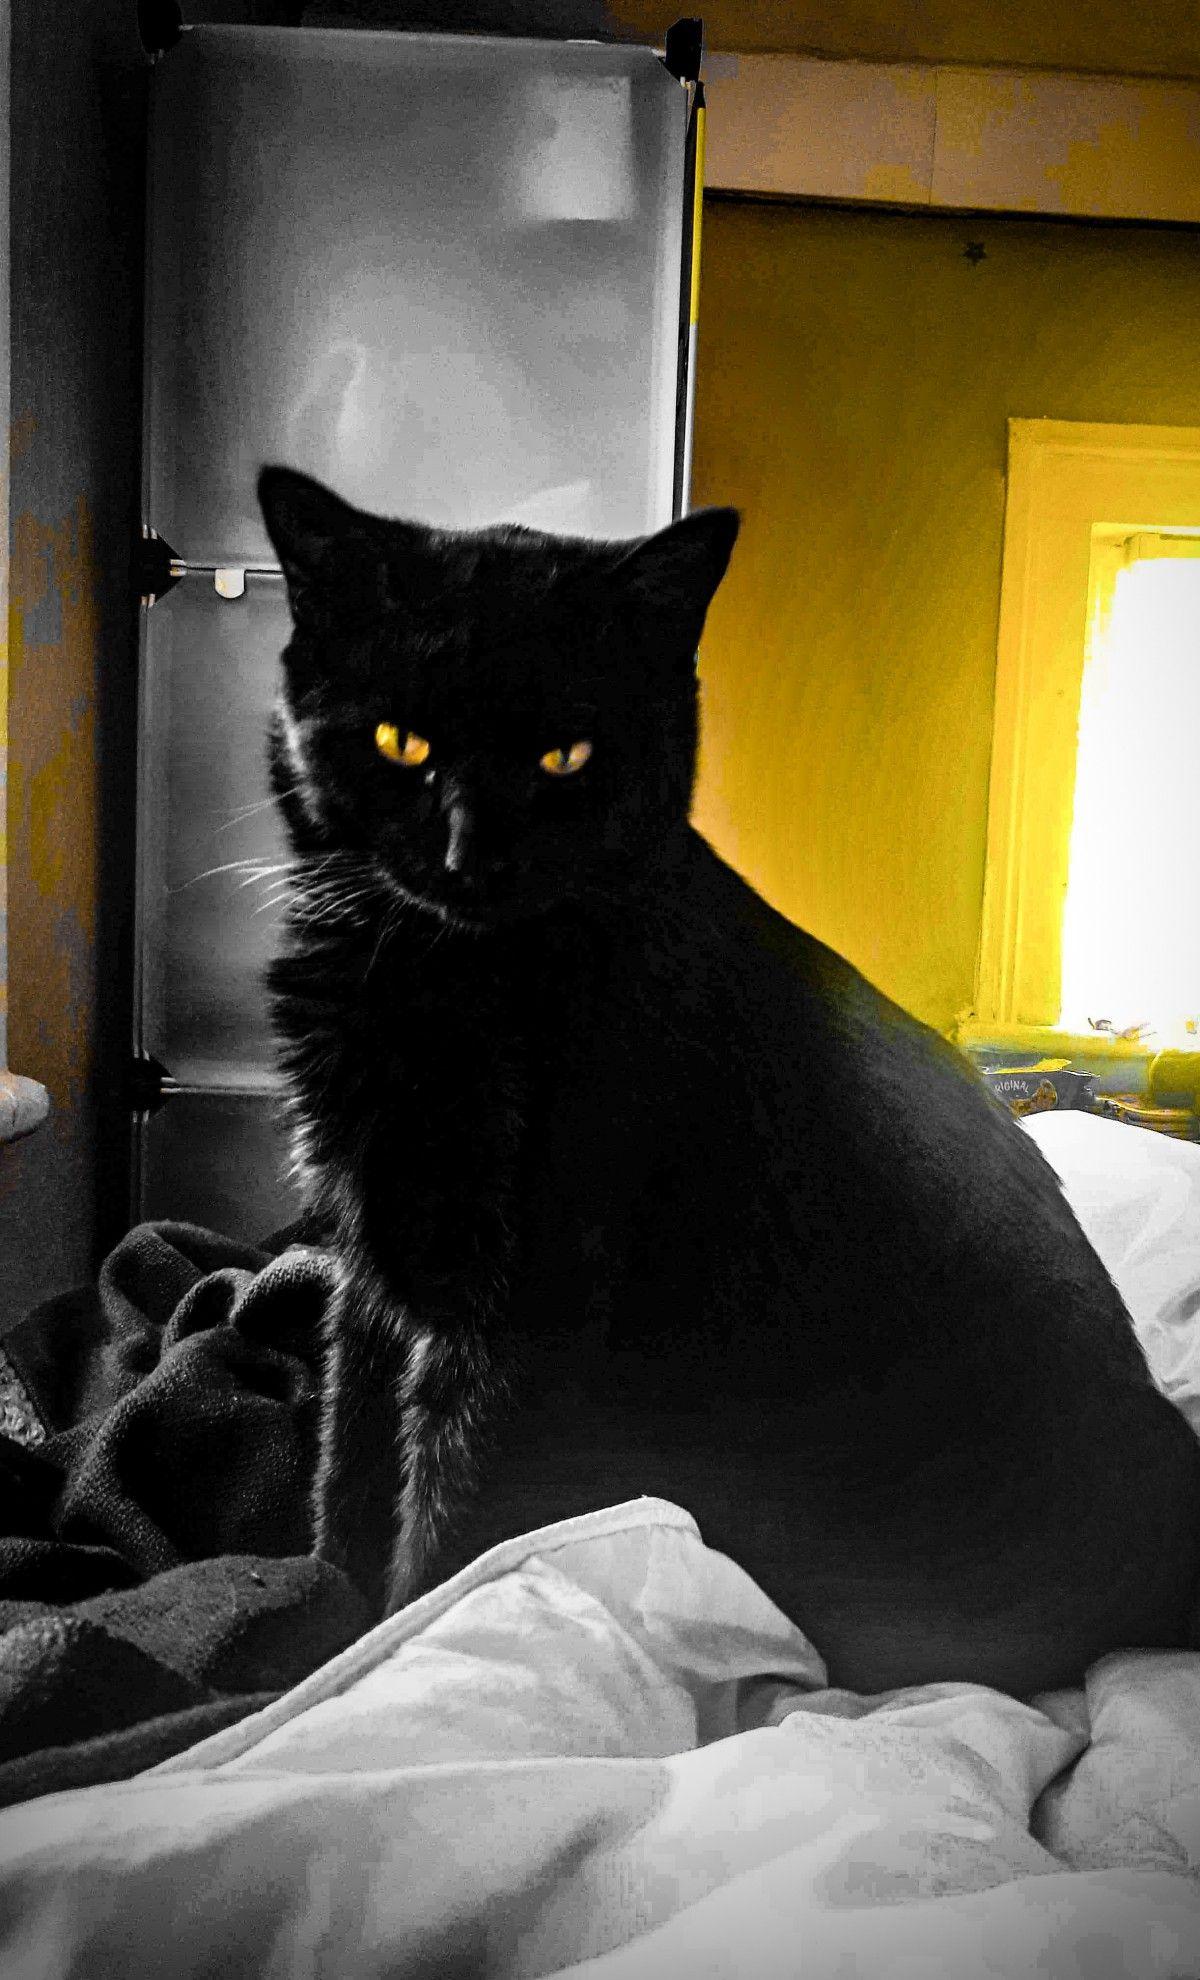 الصورة المجانية عالية الدقة من القط Totoro الأسود الألوان الأصفر الظلام غاتو الزنجي القط الأسود Cats Totoro Animals